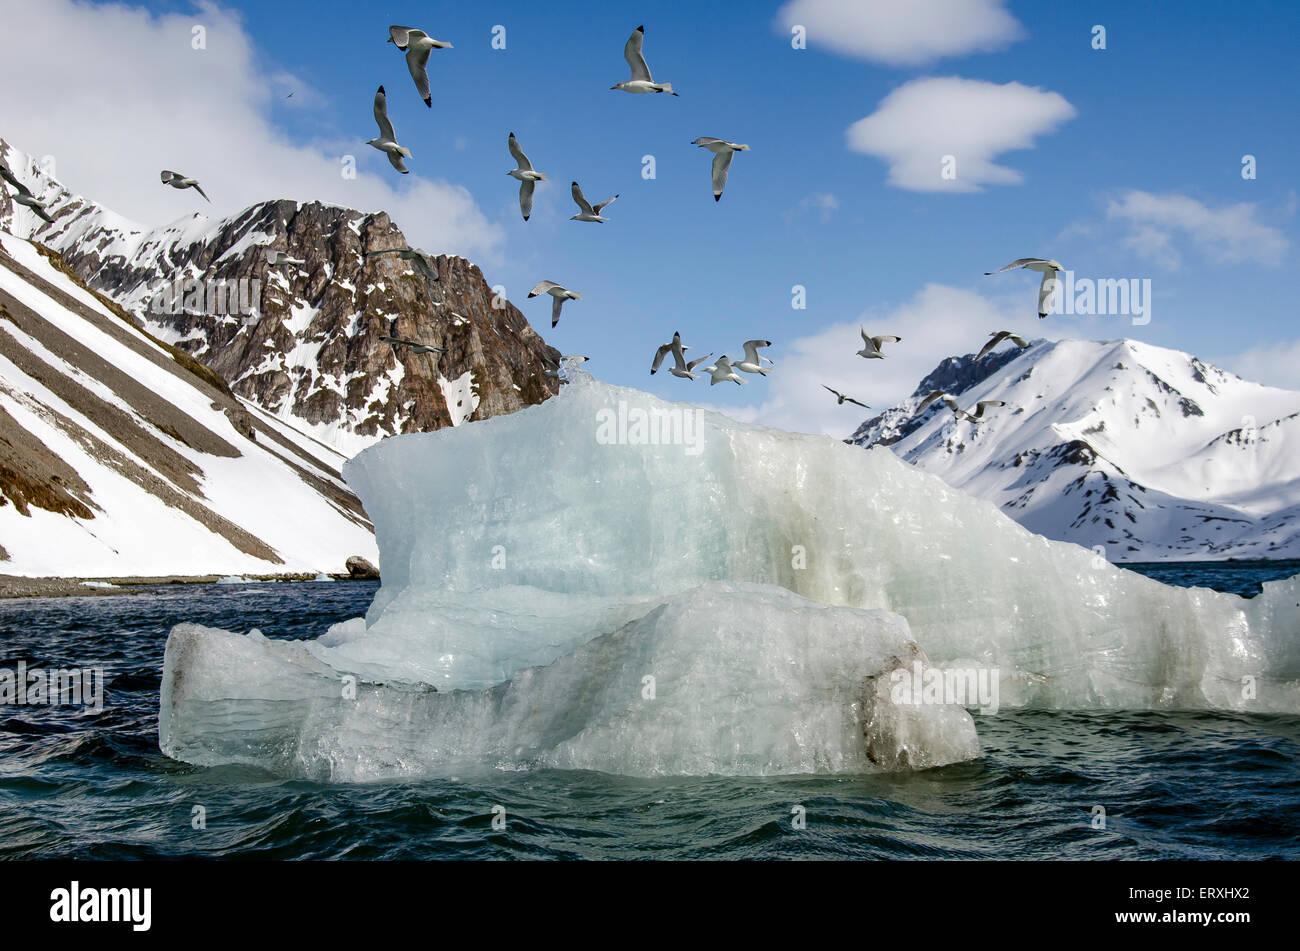 La glace flottante et les oiseaux à Burgerbukta Svalbard Norvège Scandinavie Cercle Arctique Photo Stock